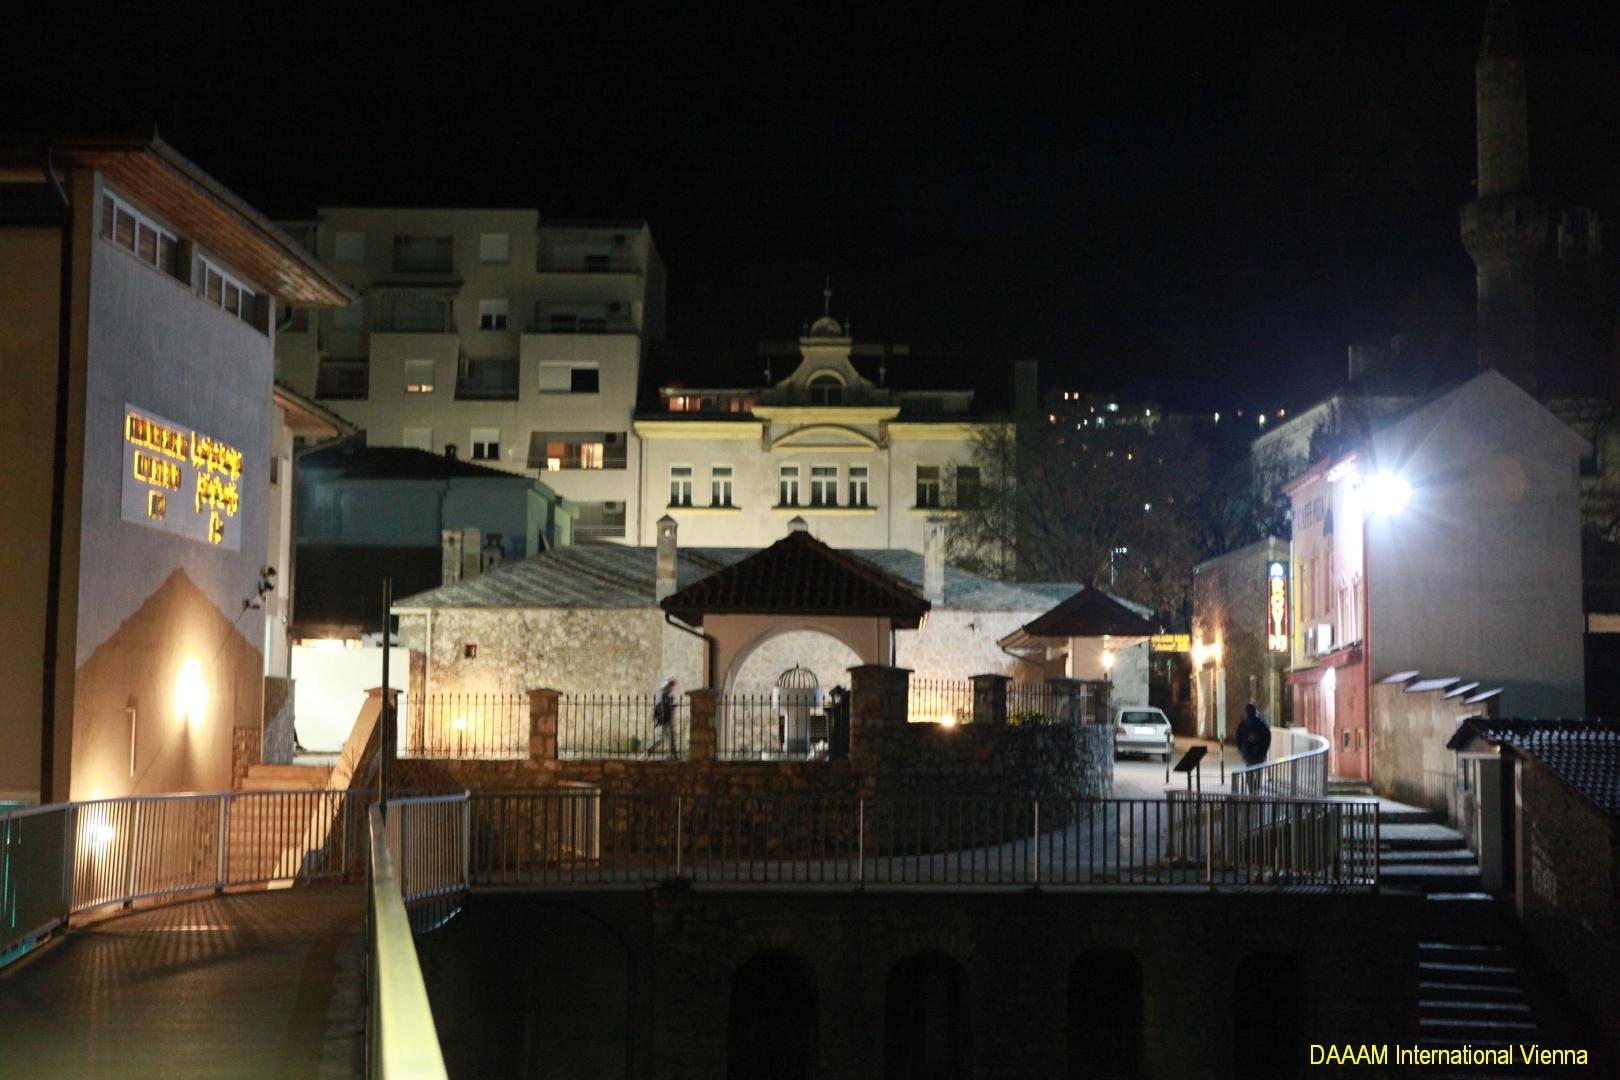 DAAAM_2016_Mostar_01_Magic_City_of_Mostar_176